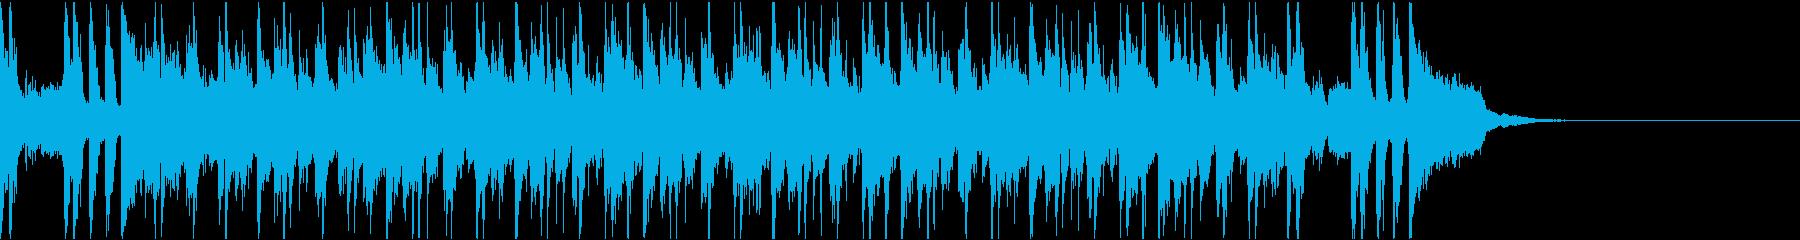 ゴージャスで大人なクラブサウンドBGMの再生済みの波形